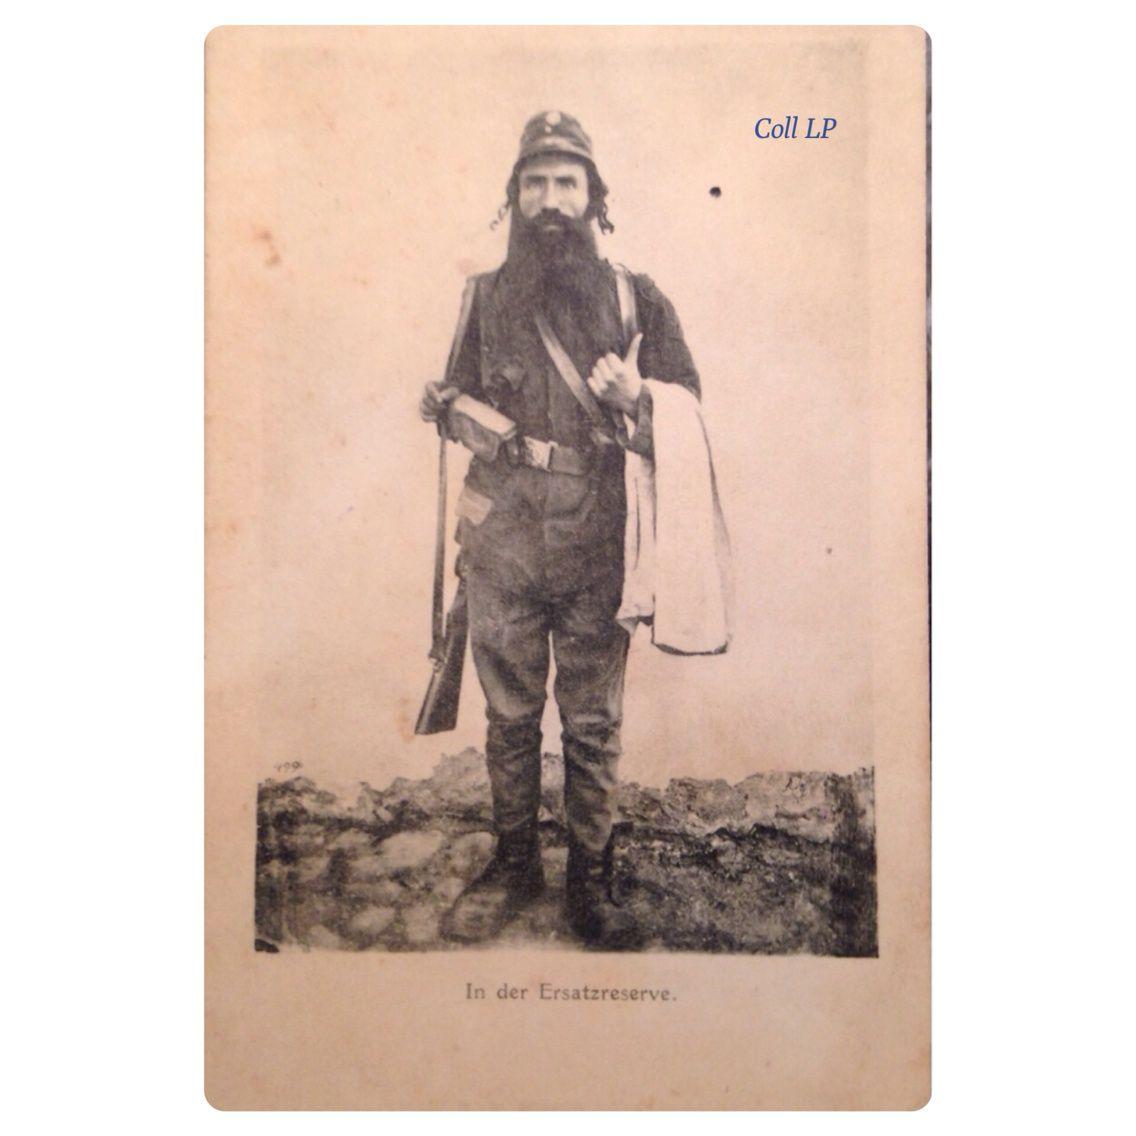 9 cartes postales de juifs de pays de l'Est début XXème siècle